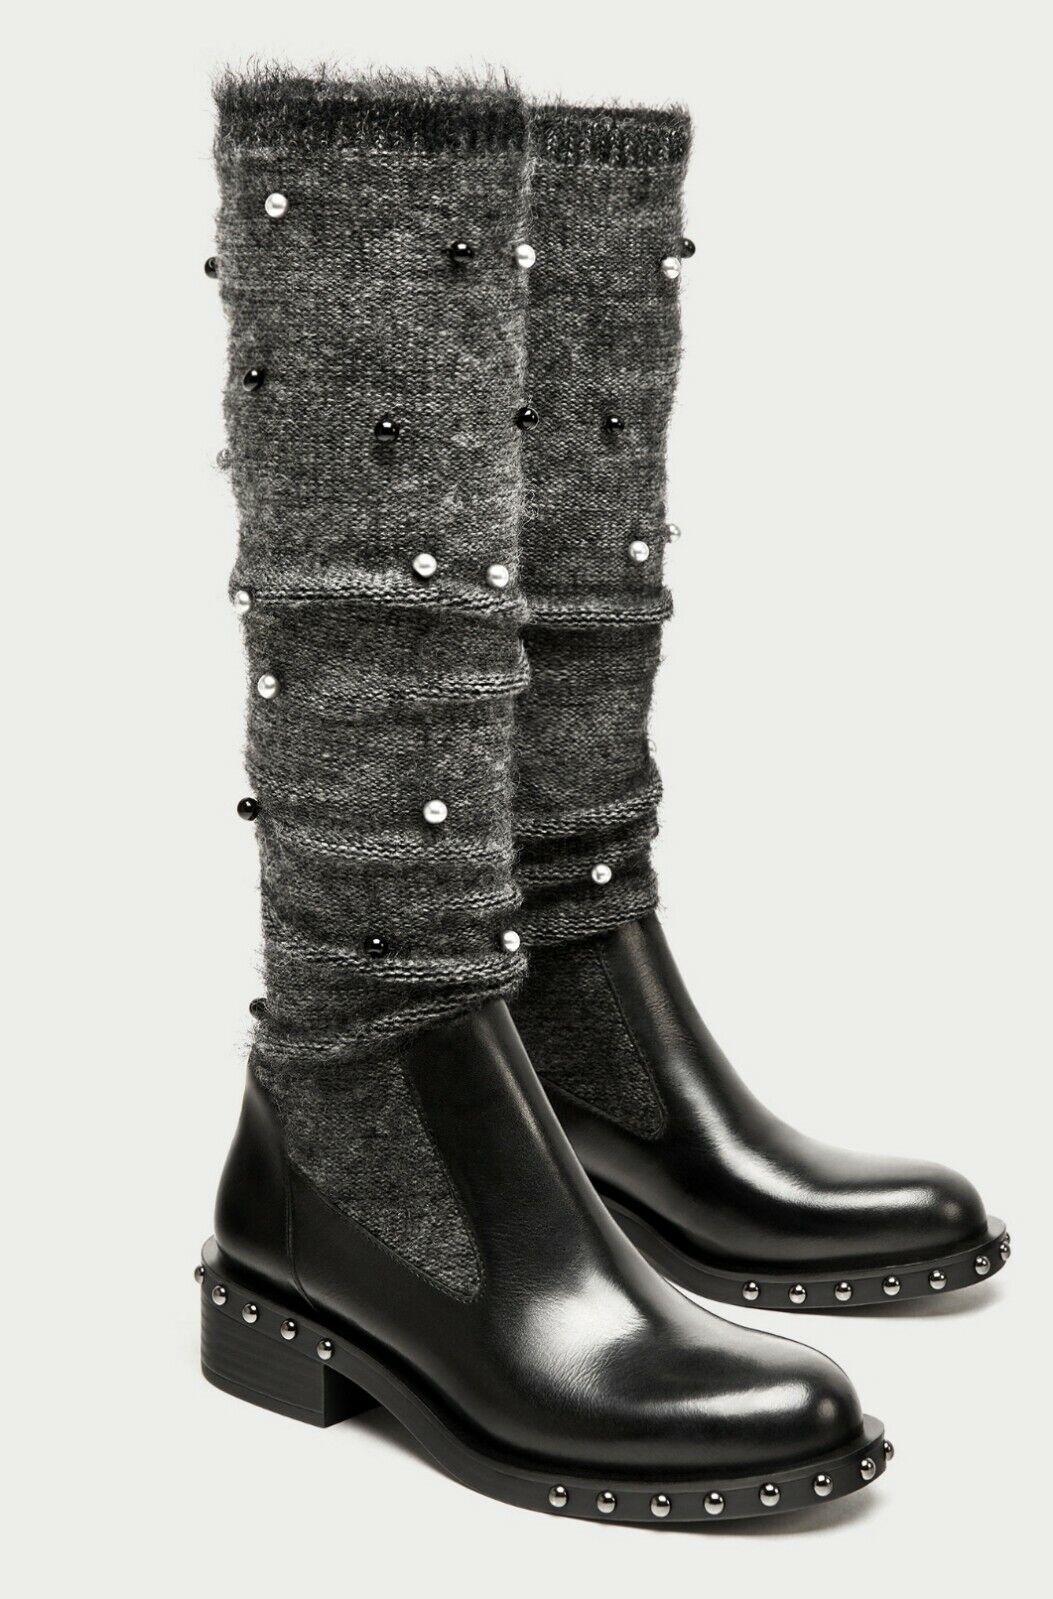 ZARA Schwarz Zara Gr.39 Stiefel Perlen Leder Damen Stiefel